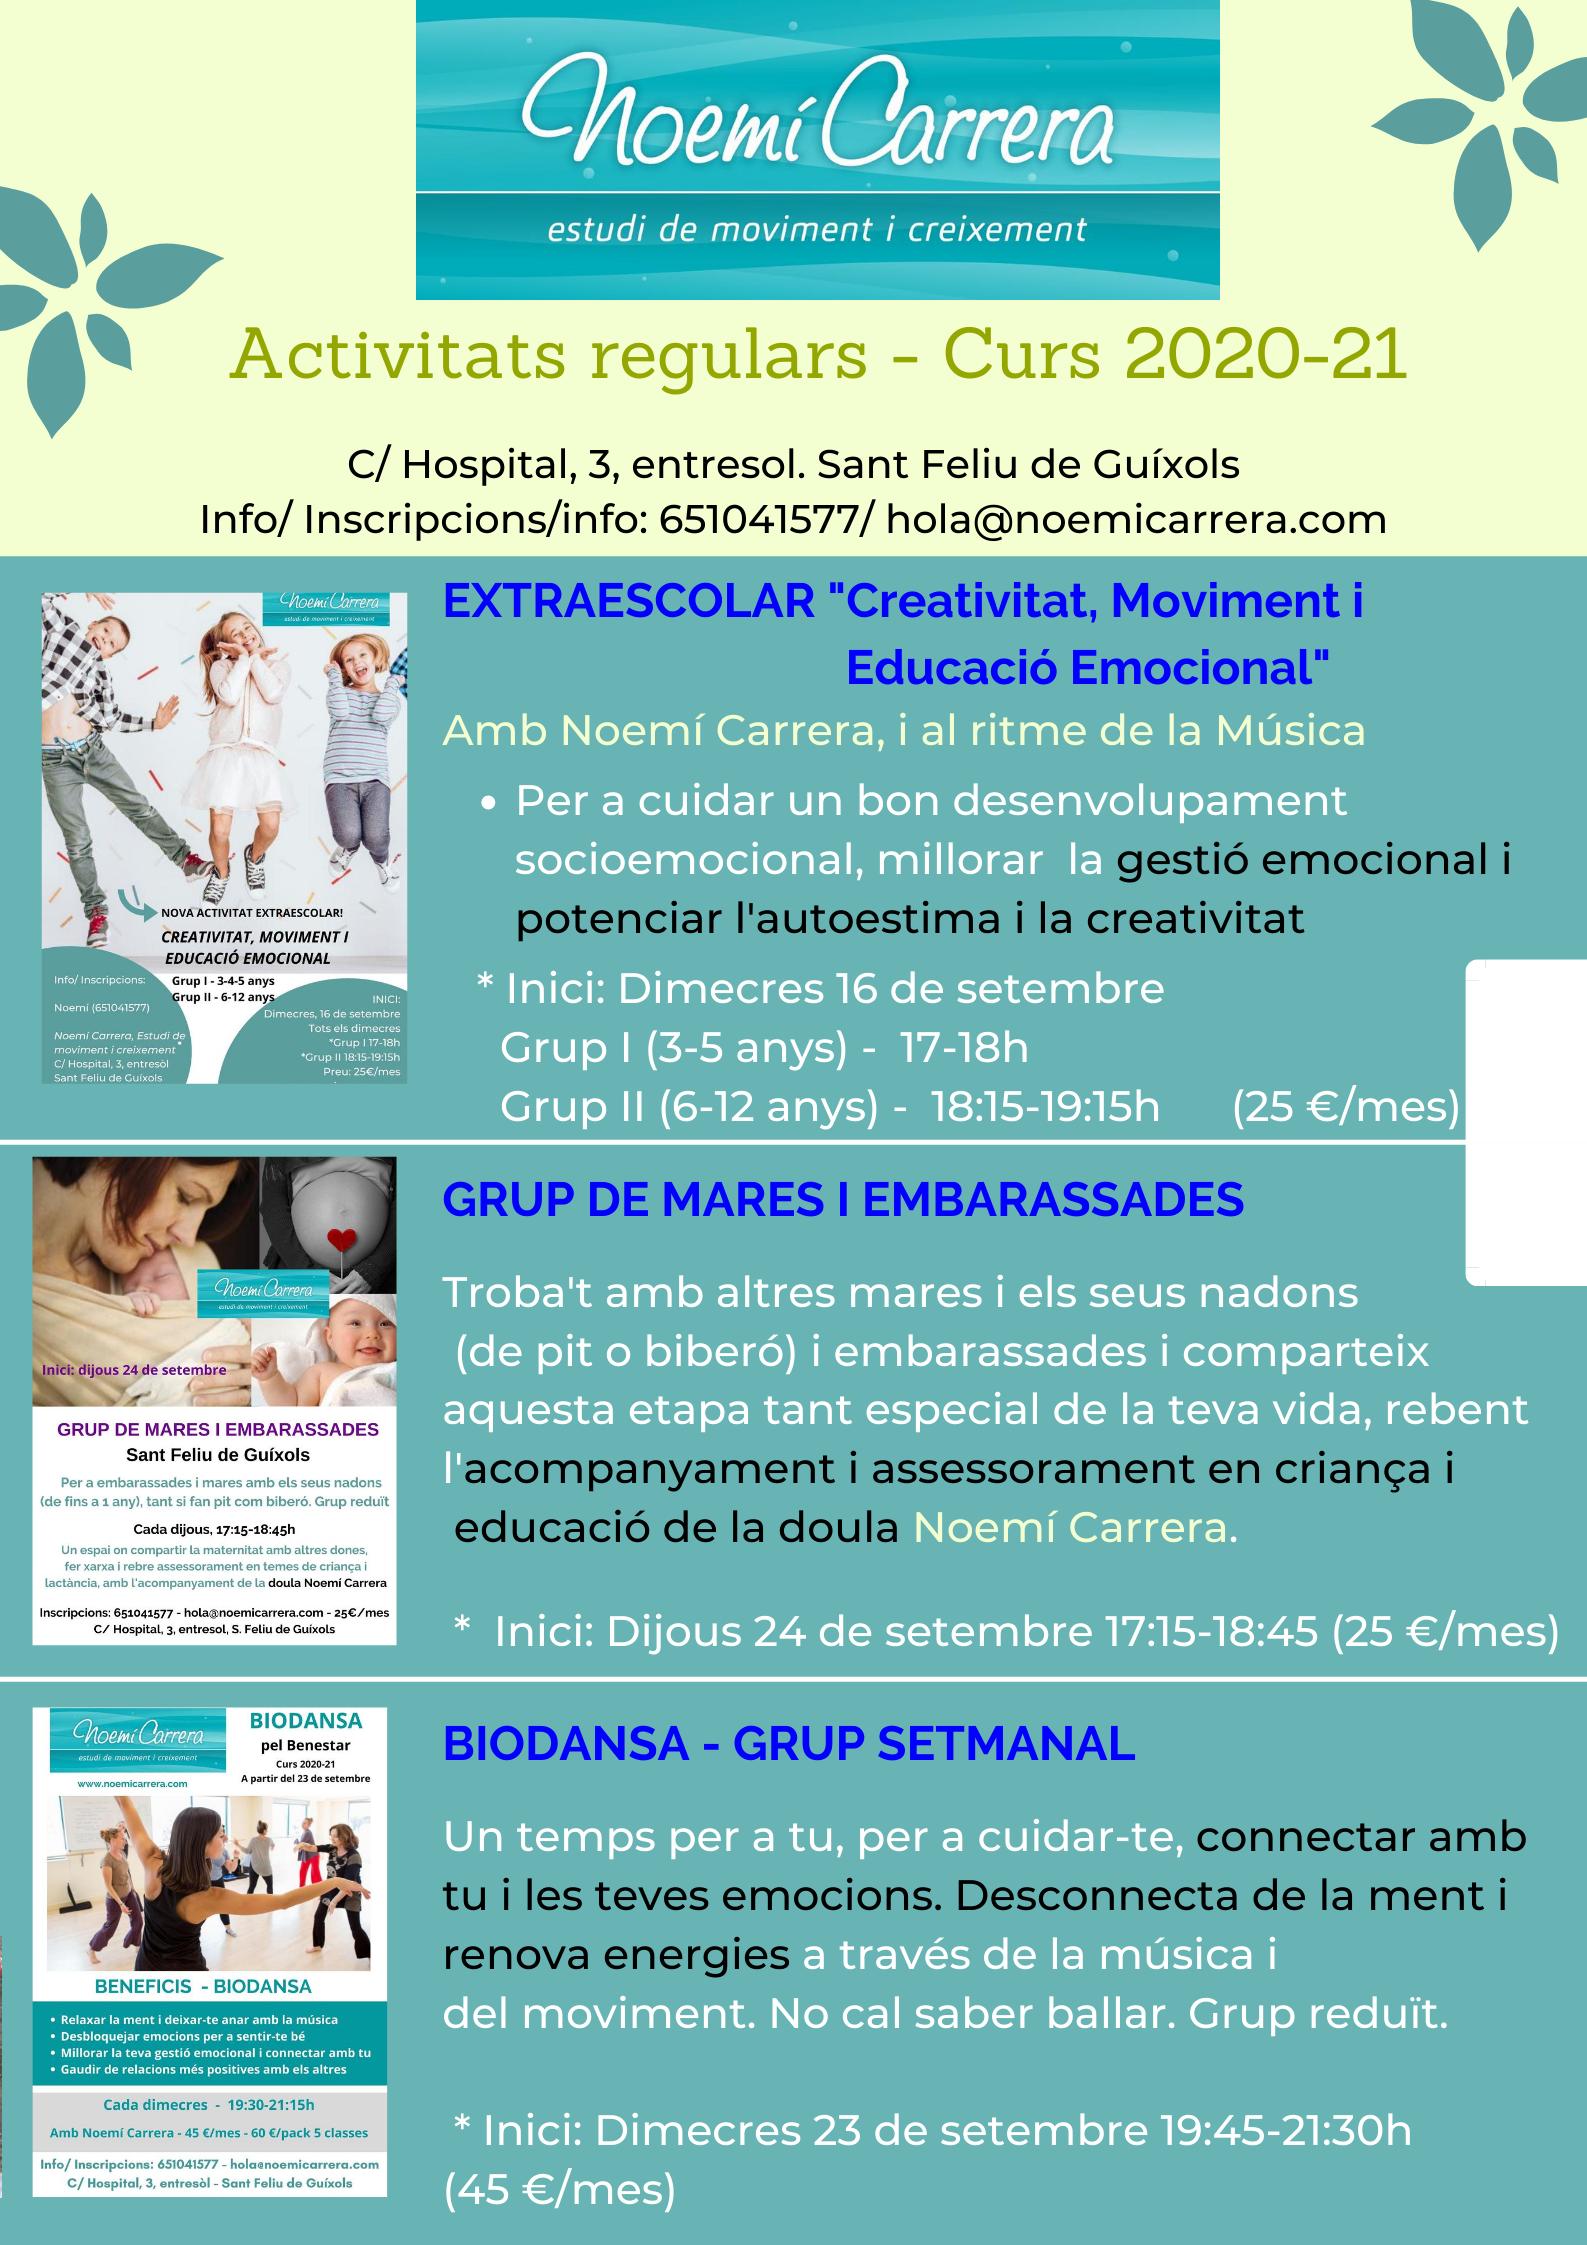 Activitats regulars 2020-21